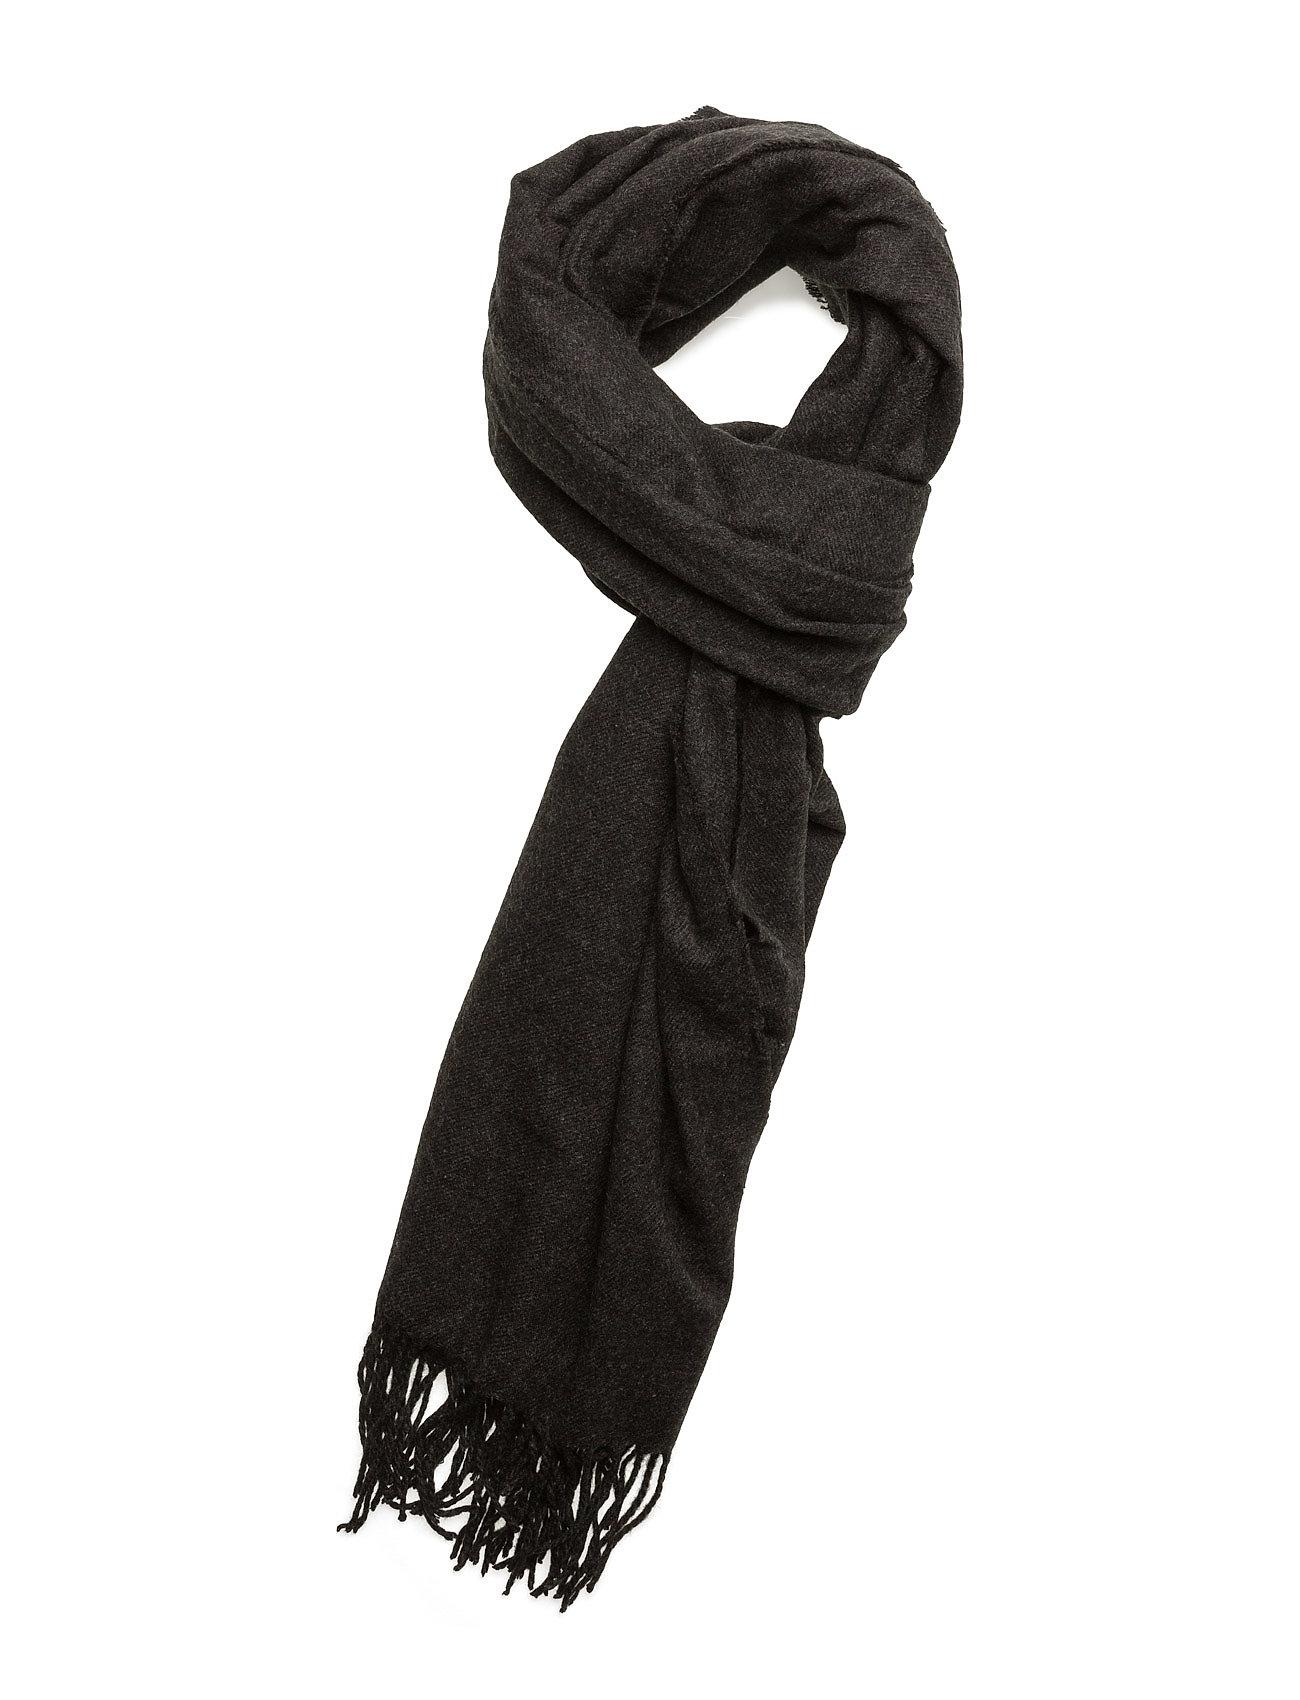 Solid color scarf fra unmade copenhagen på boozt.com dk